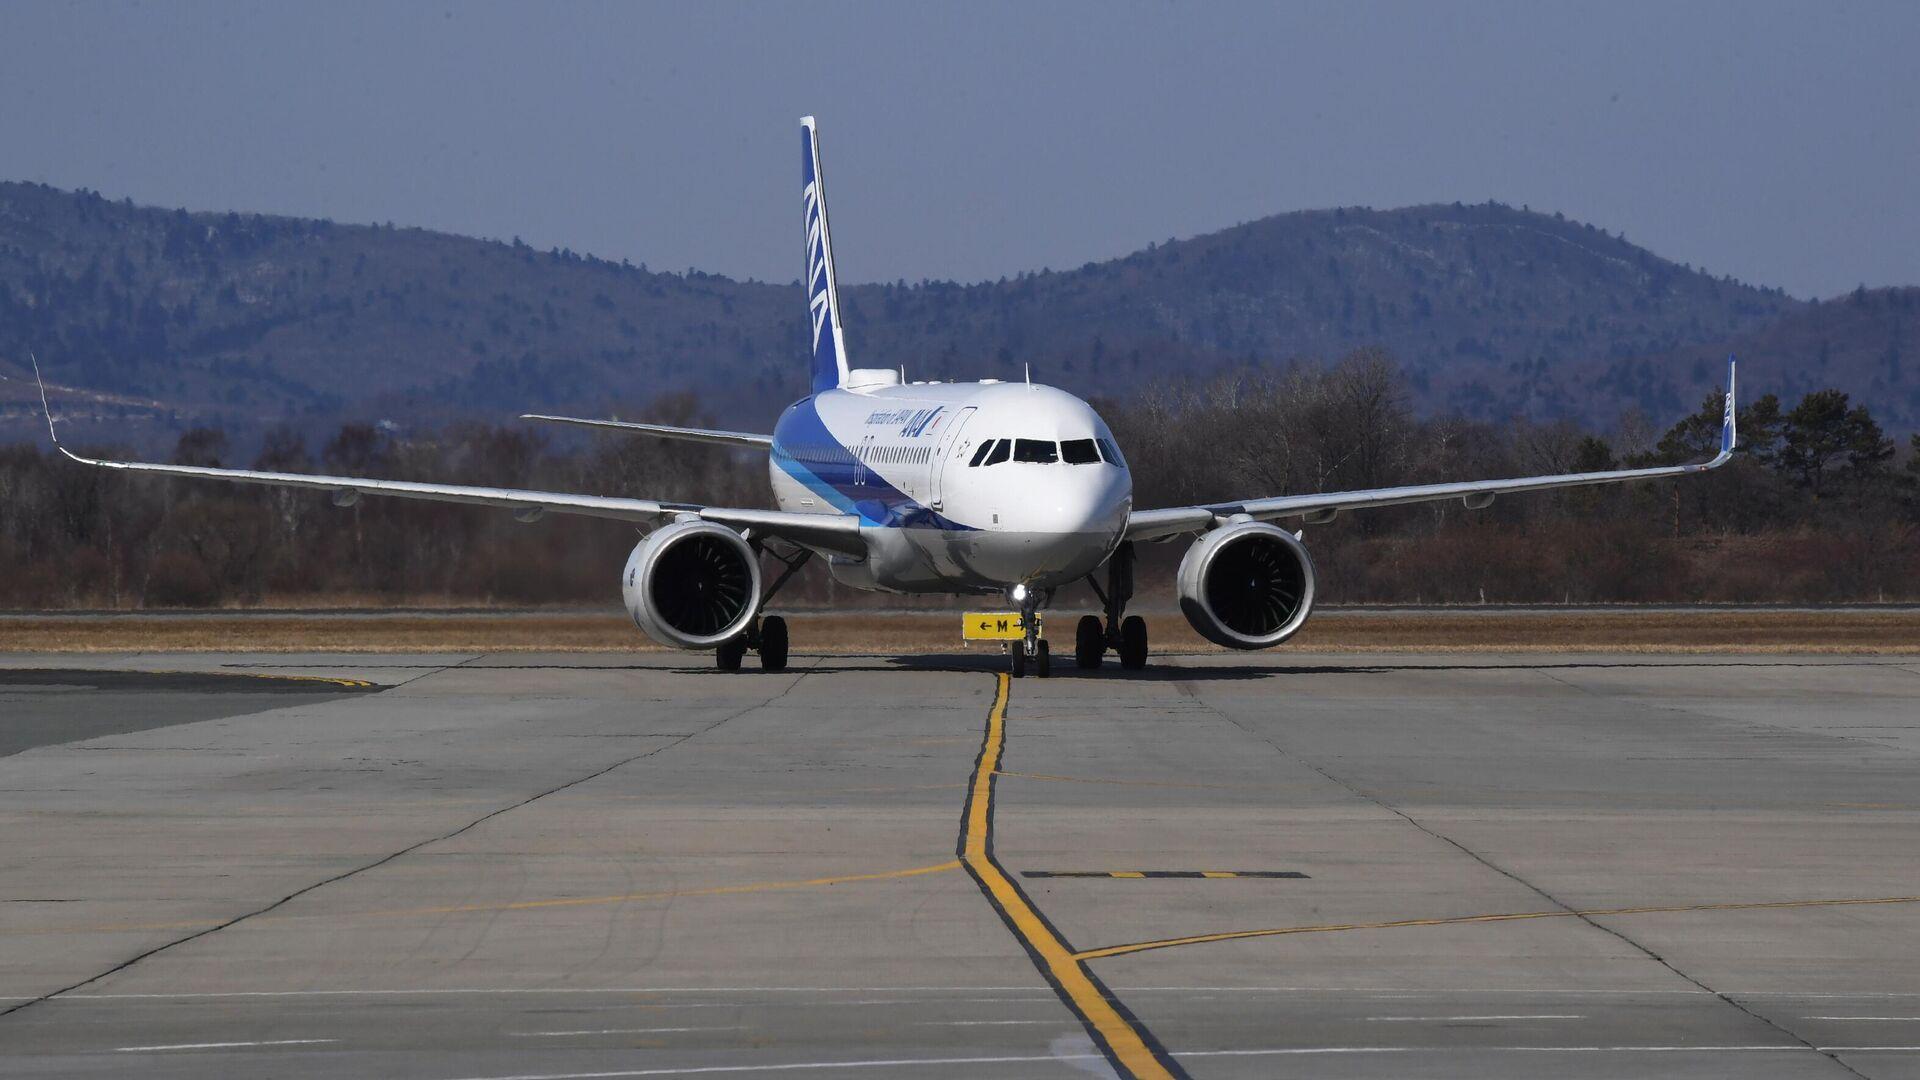 Встреча первого рейса японской компании ANA во Владивостоке - РИА Новости, 1920, 29.01.2021